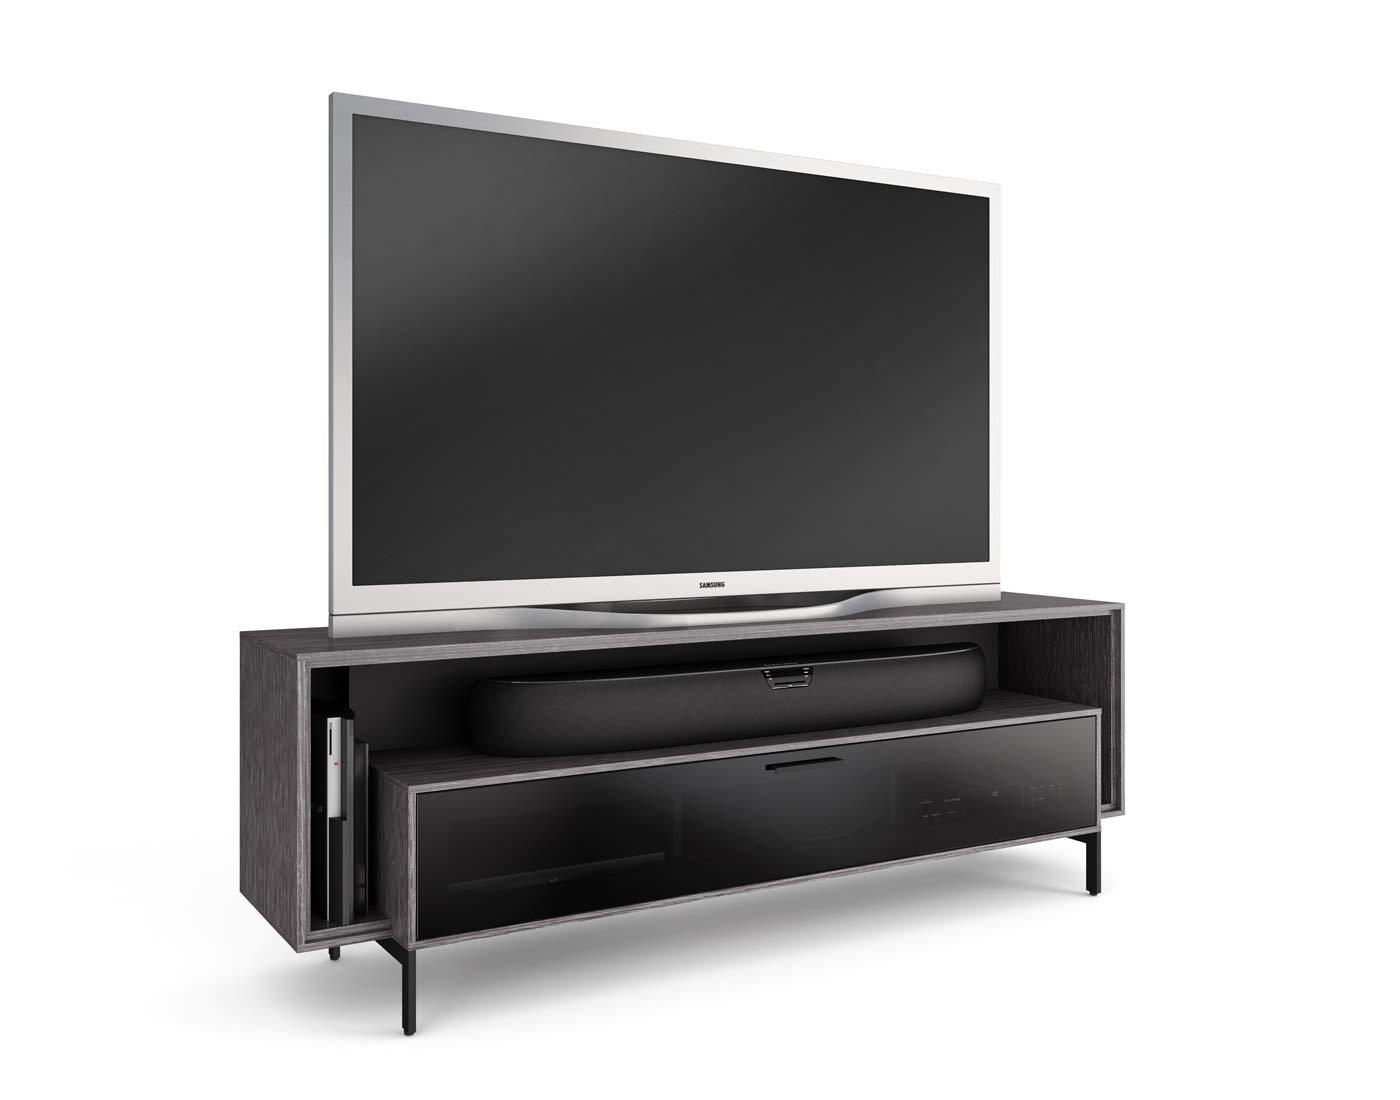 BDI Cavo Triple-Wide TV Stand Media Cabinet, Graphite